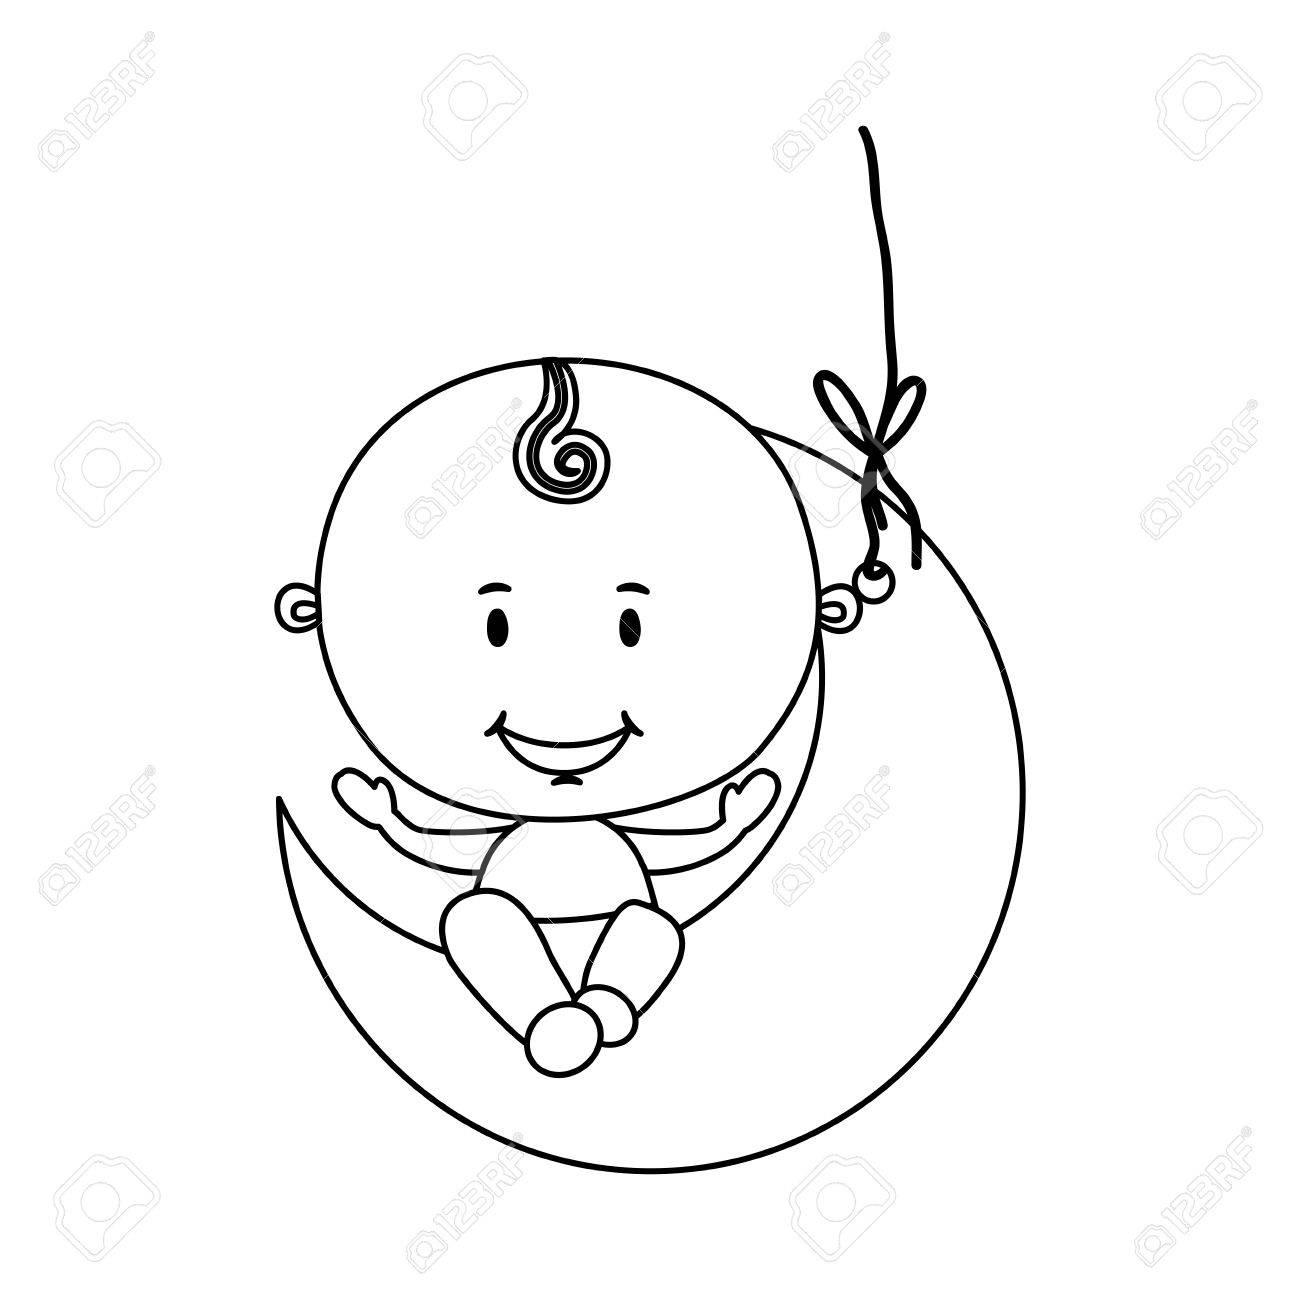 cute baby boy icon image vector illustration design.